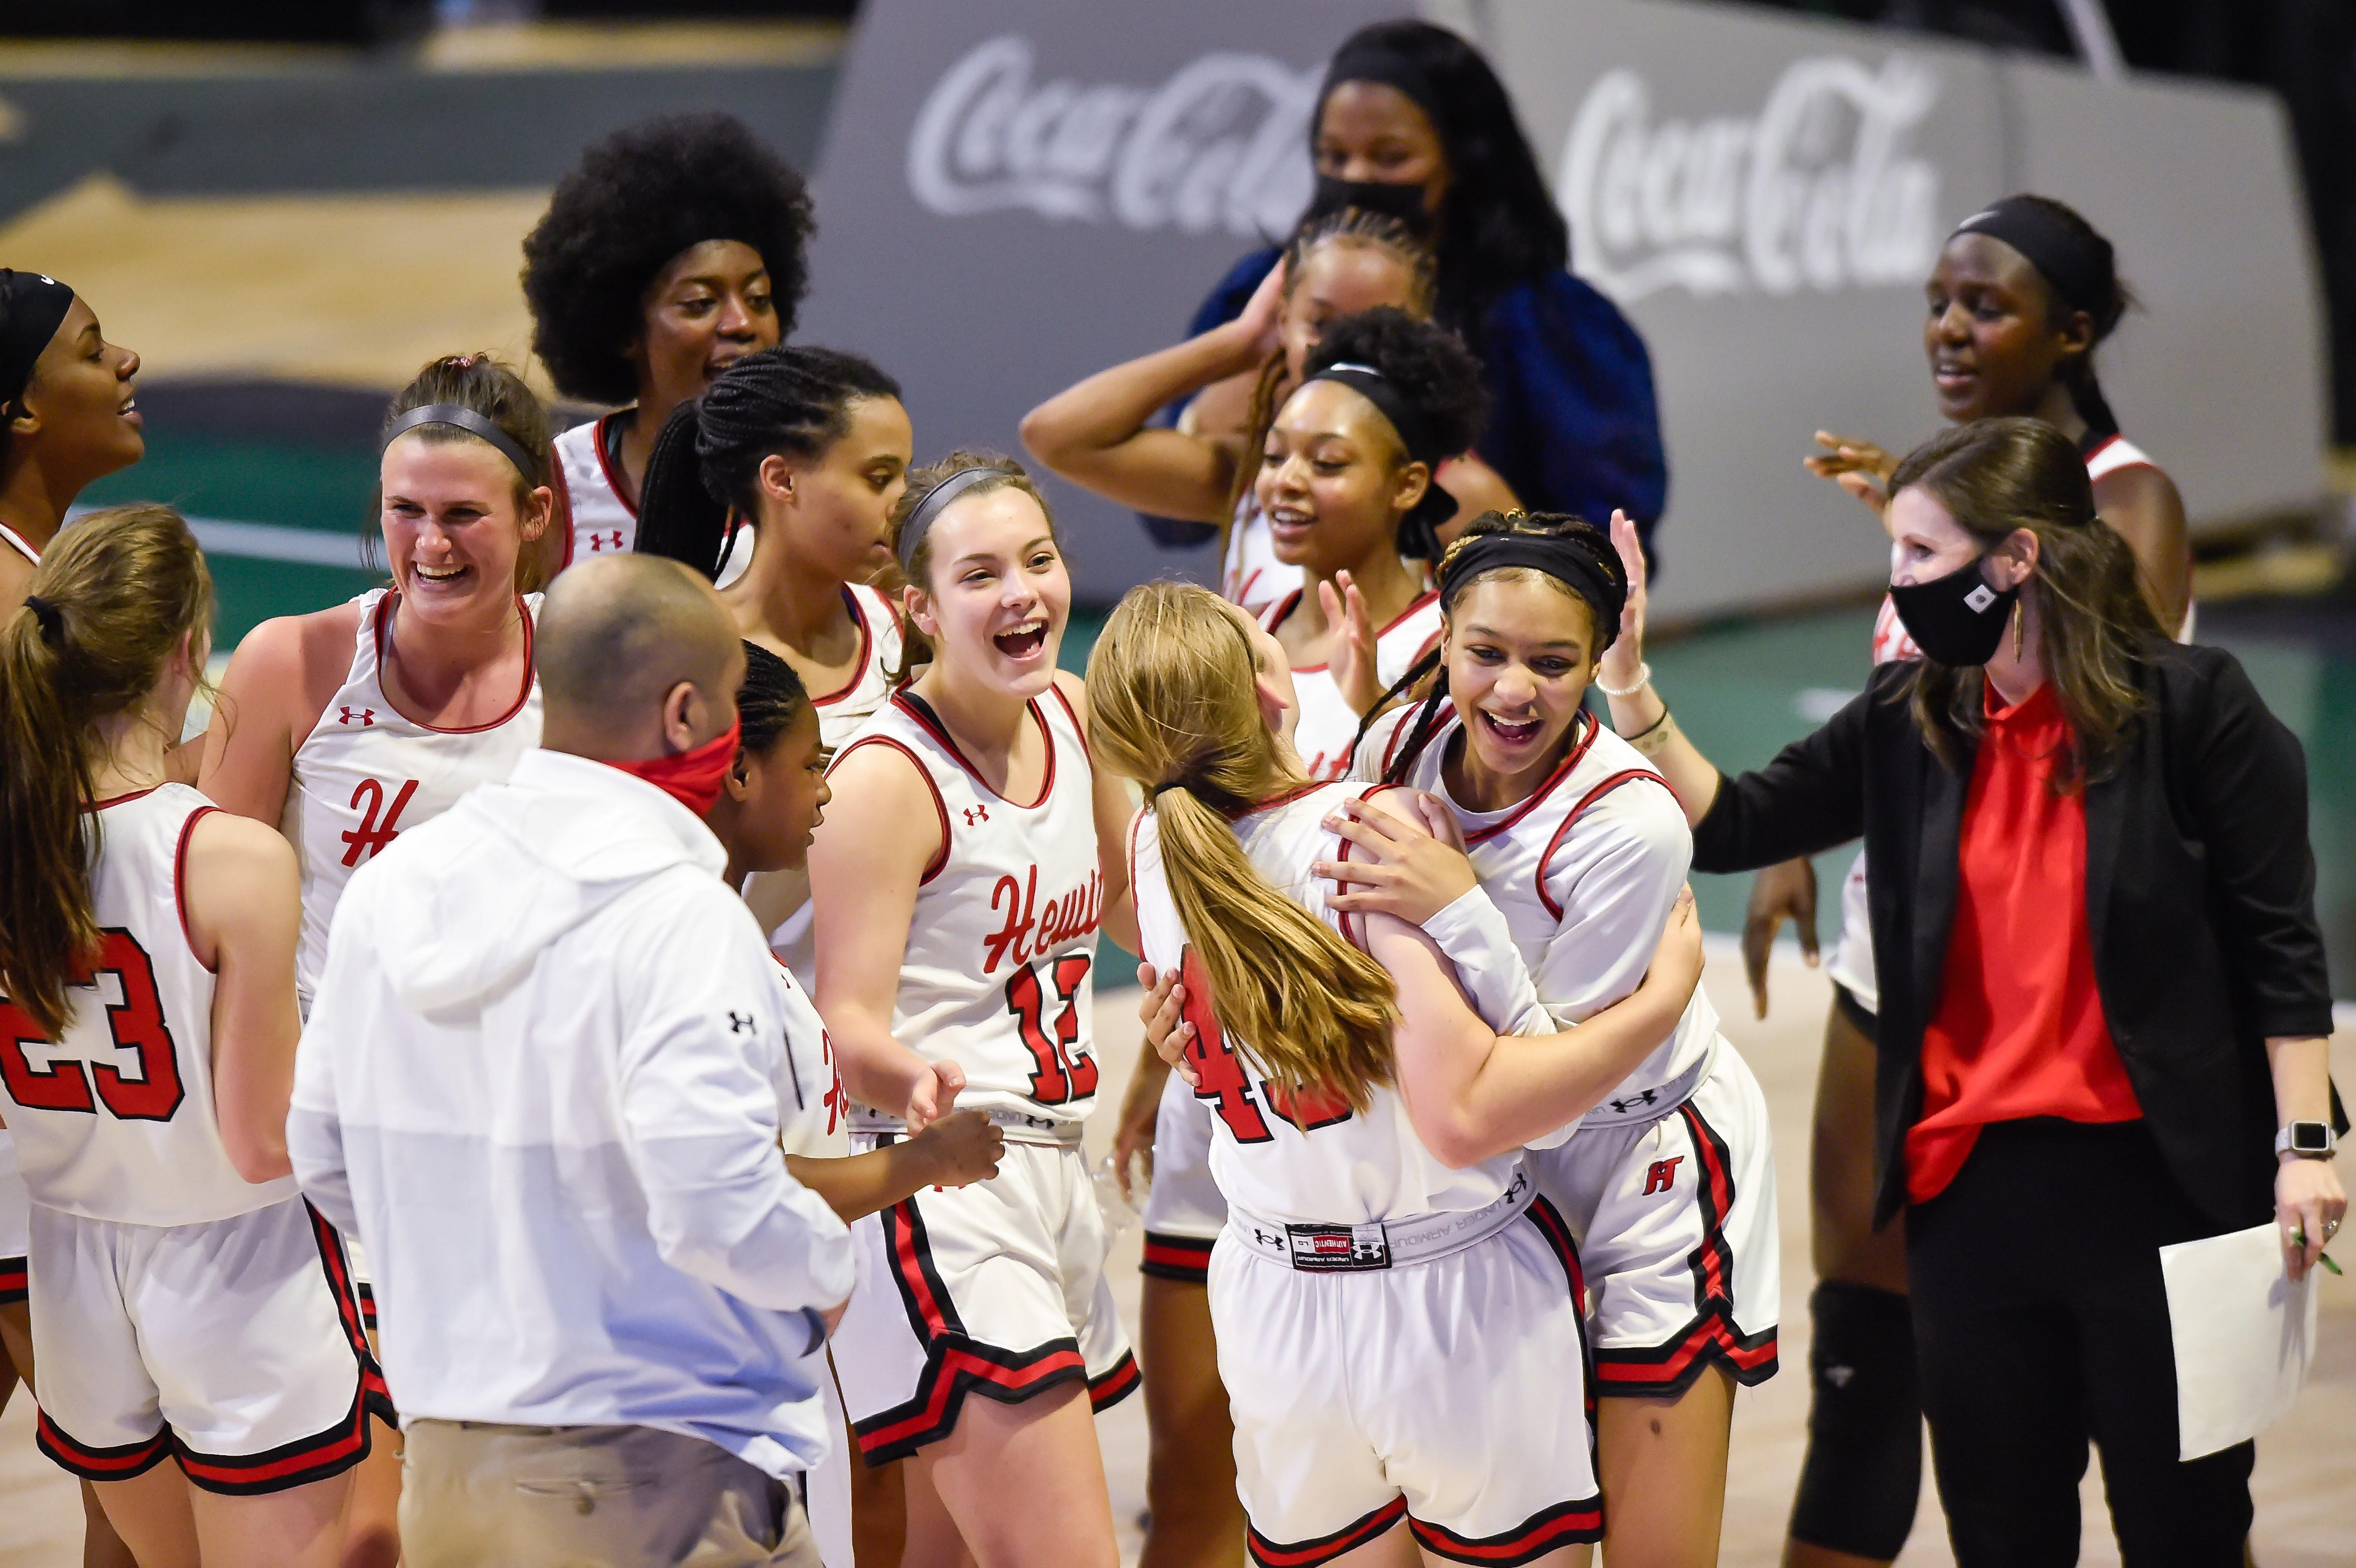 Class 7A Girls' Semifinal: Hewitt-Trussville 73, Theodore 39